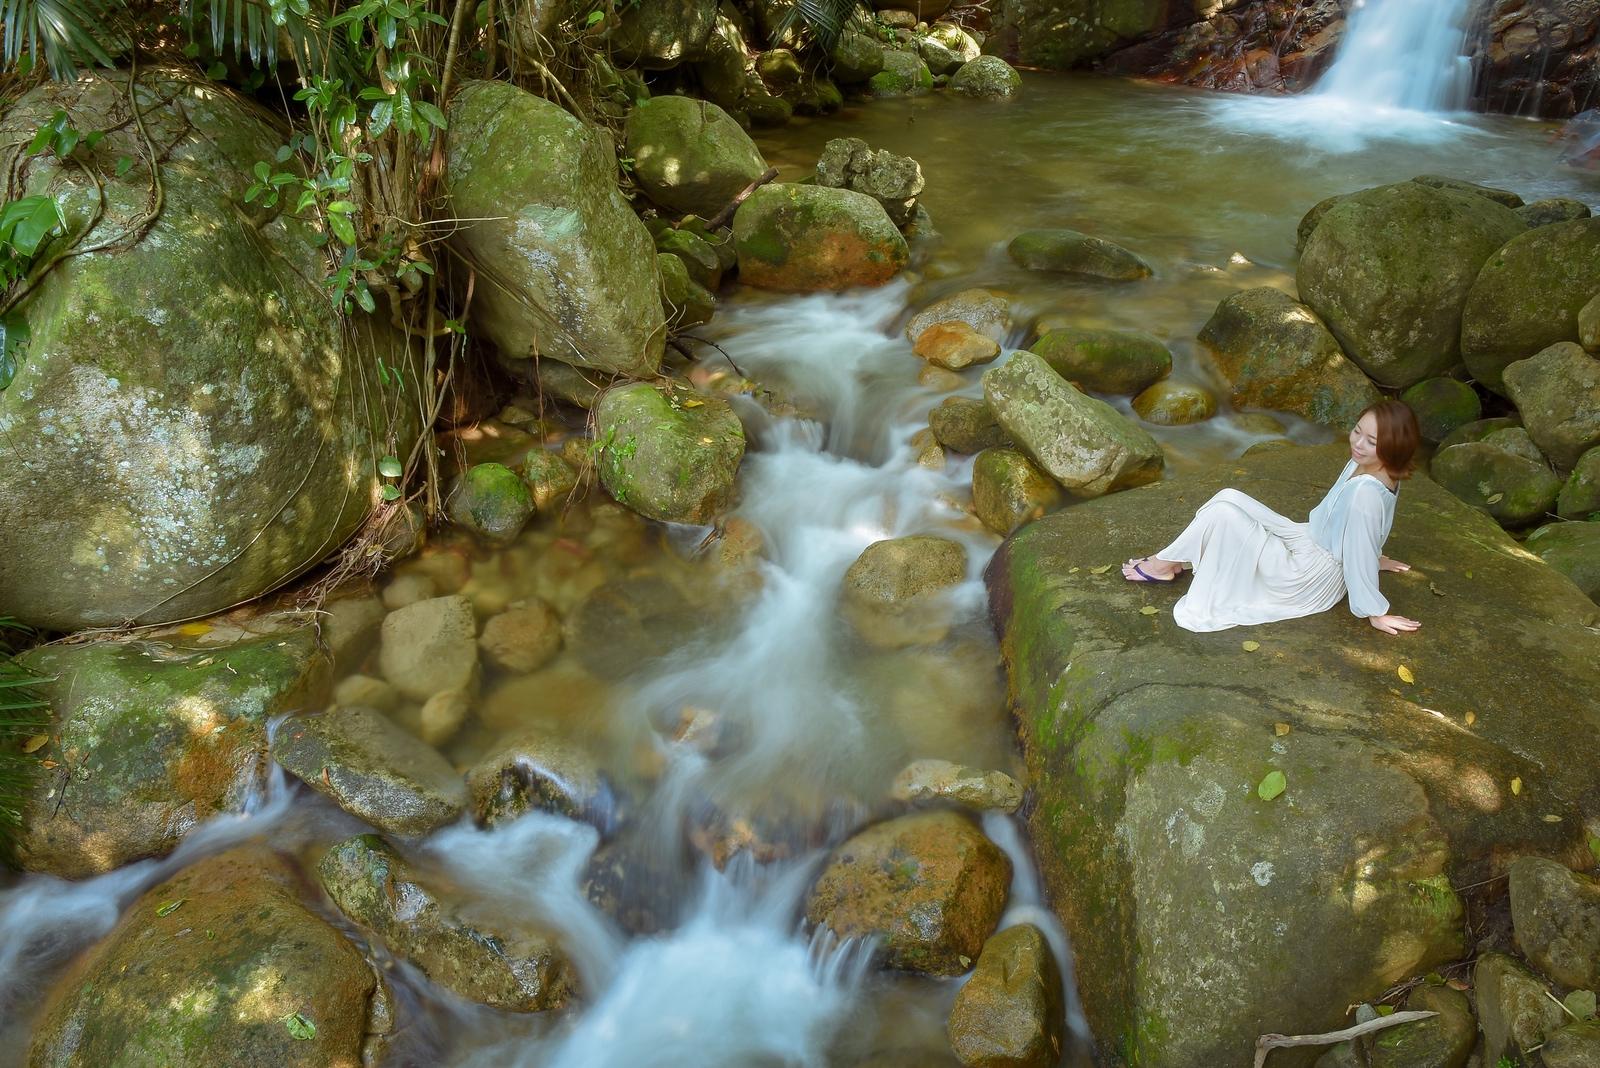 ロケハン!石垣島唯一の滝「荒川の滝」でポートレート撮影